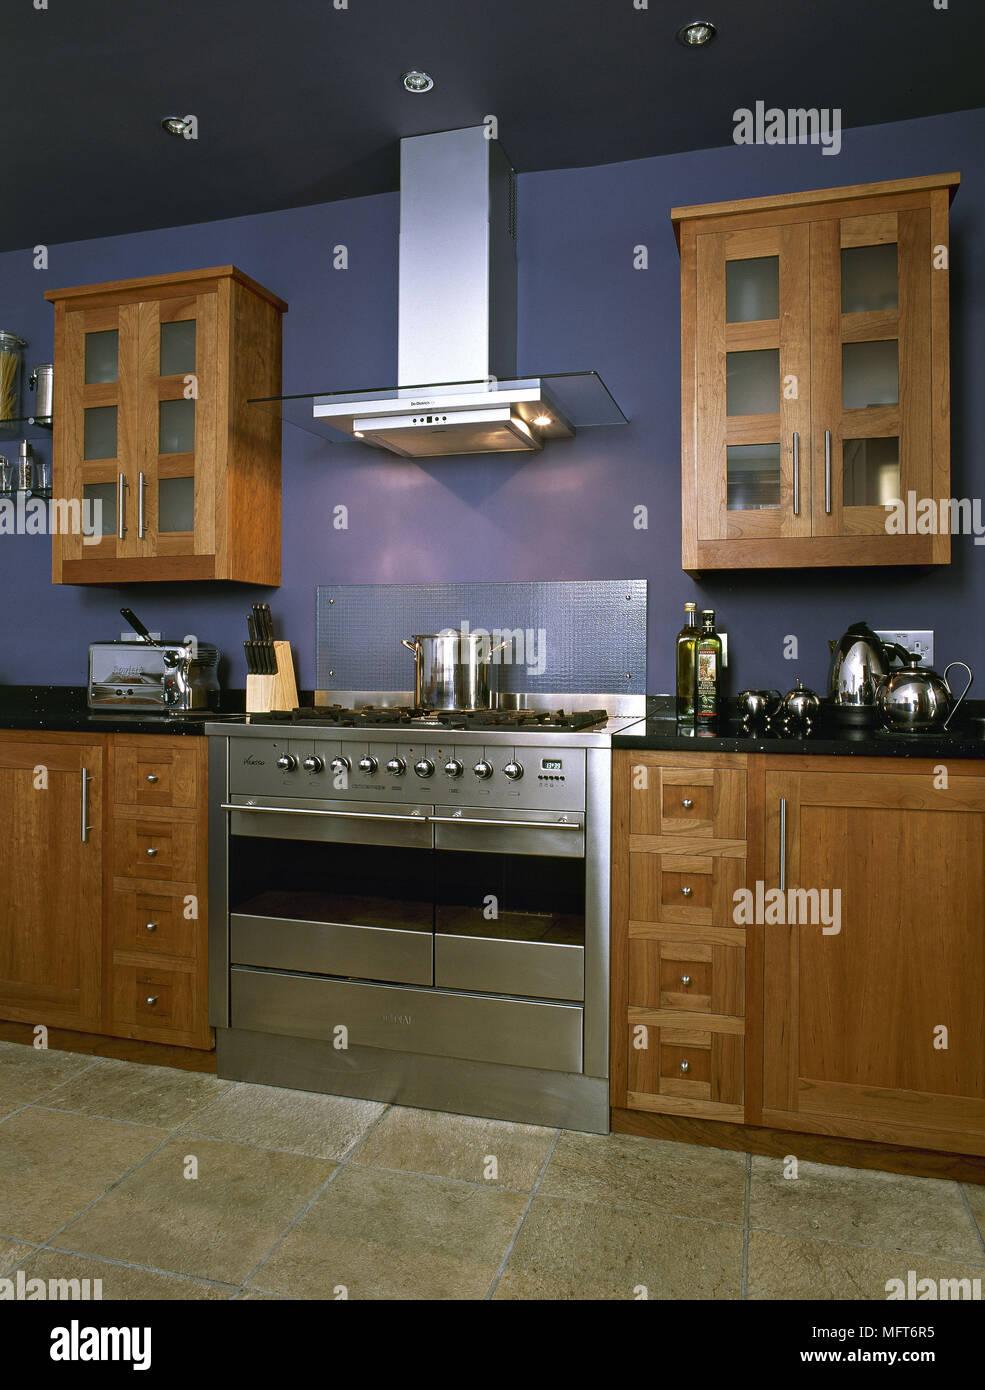 Acciaio inossidabile termocucina in cucina con pareti blu e legno di ...